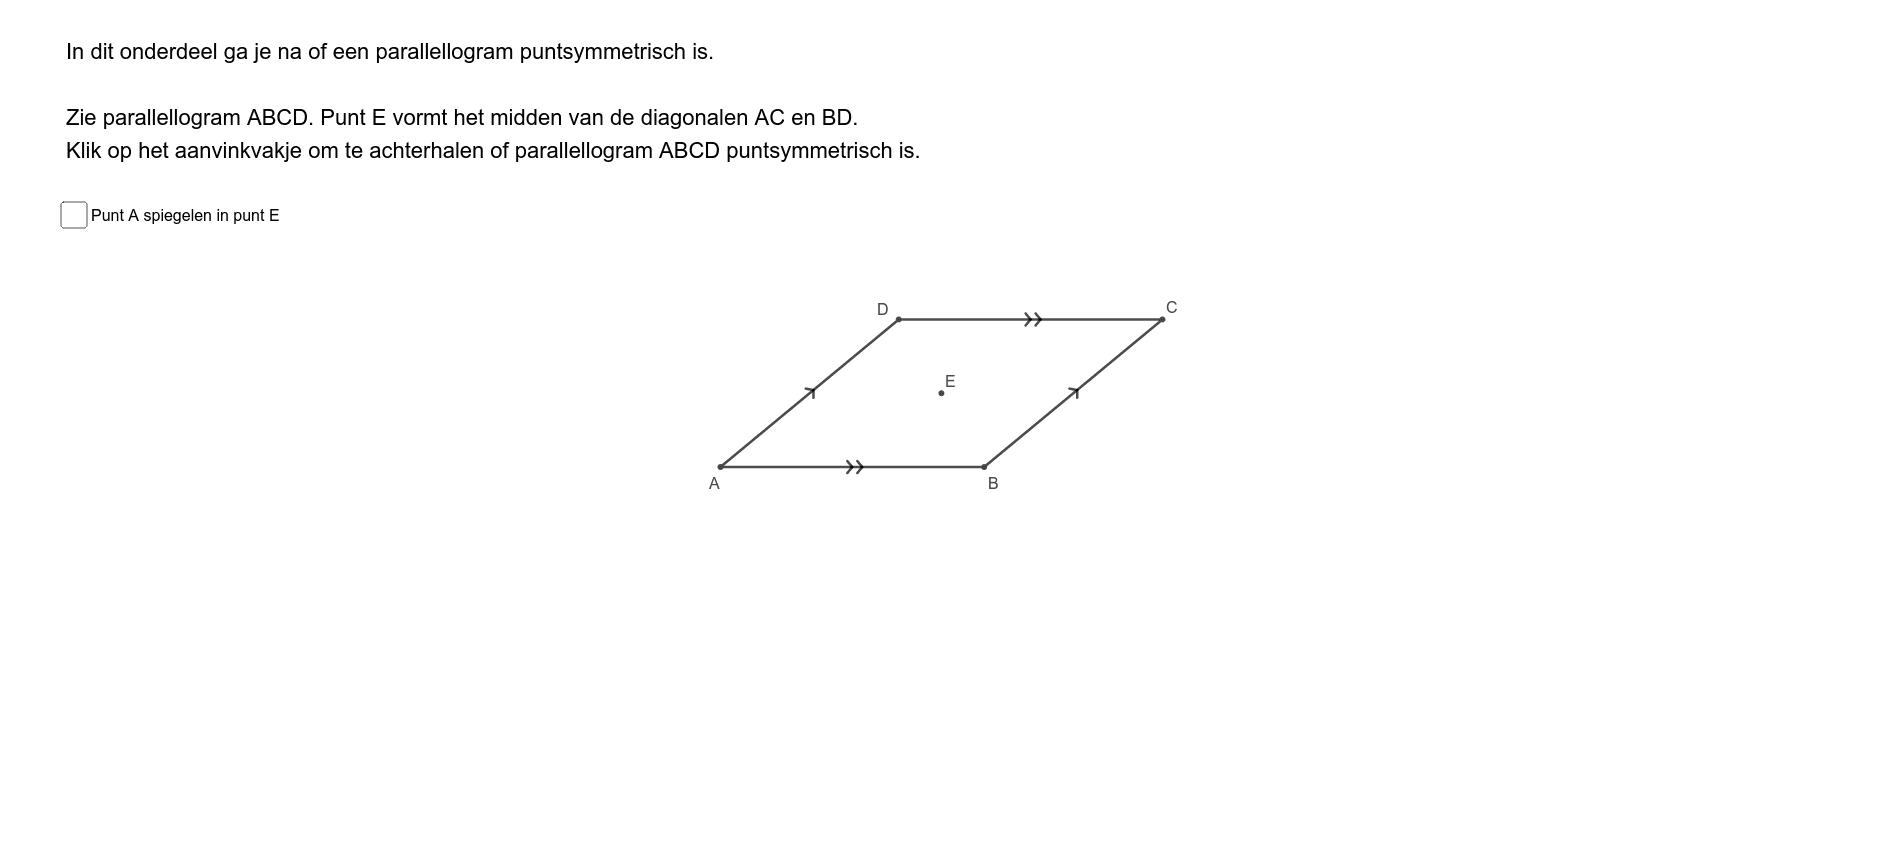 Is een parallellogram puntsymmetrisch? Press Enter to start activity